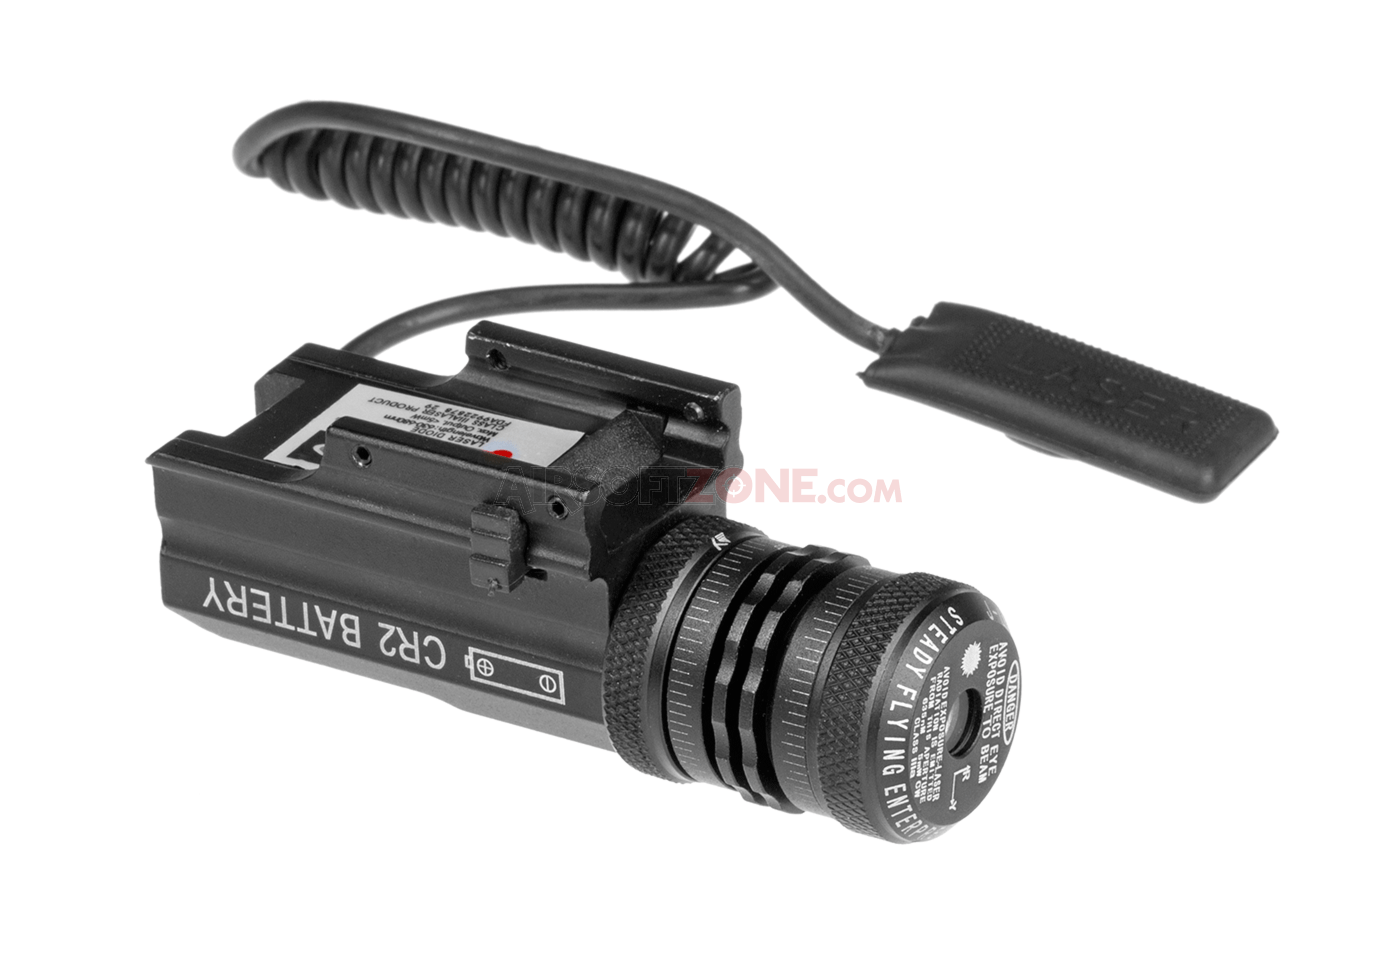 Laser Entfernungsmesser Modul : Lxgd pistol laser module big dragon laserzielvisiere optik